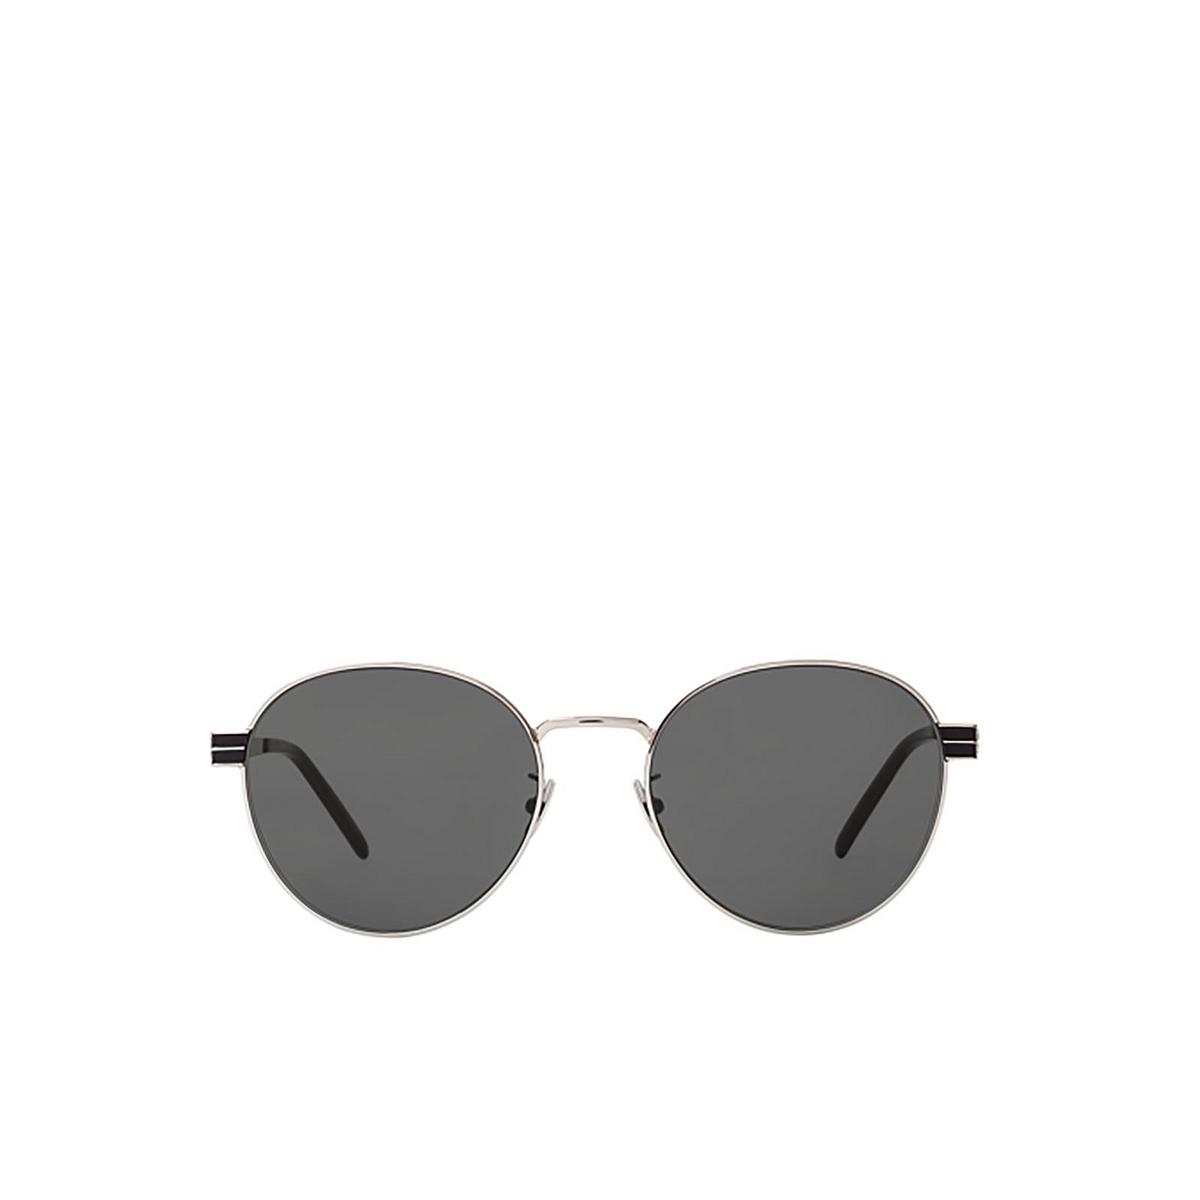 Saint Laurent® Round Sunglasses: SL M65 color Silver 001 - front view.